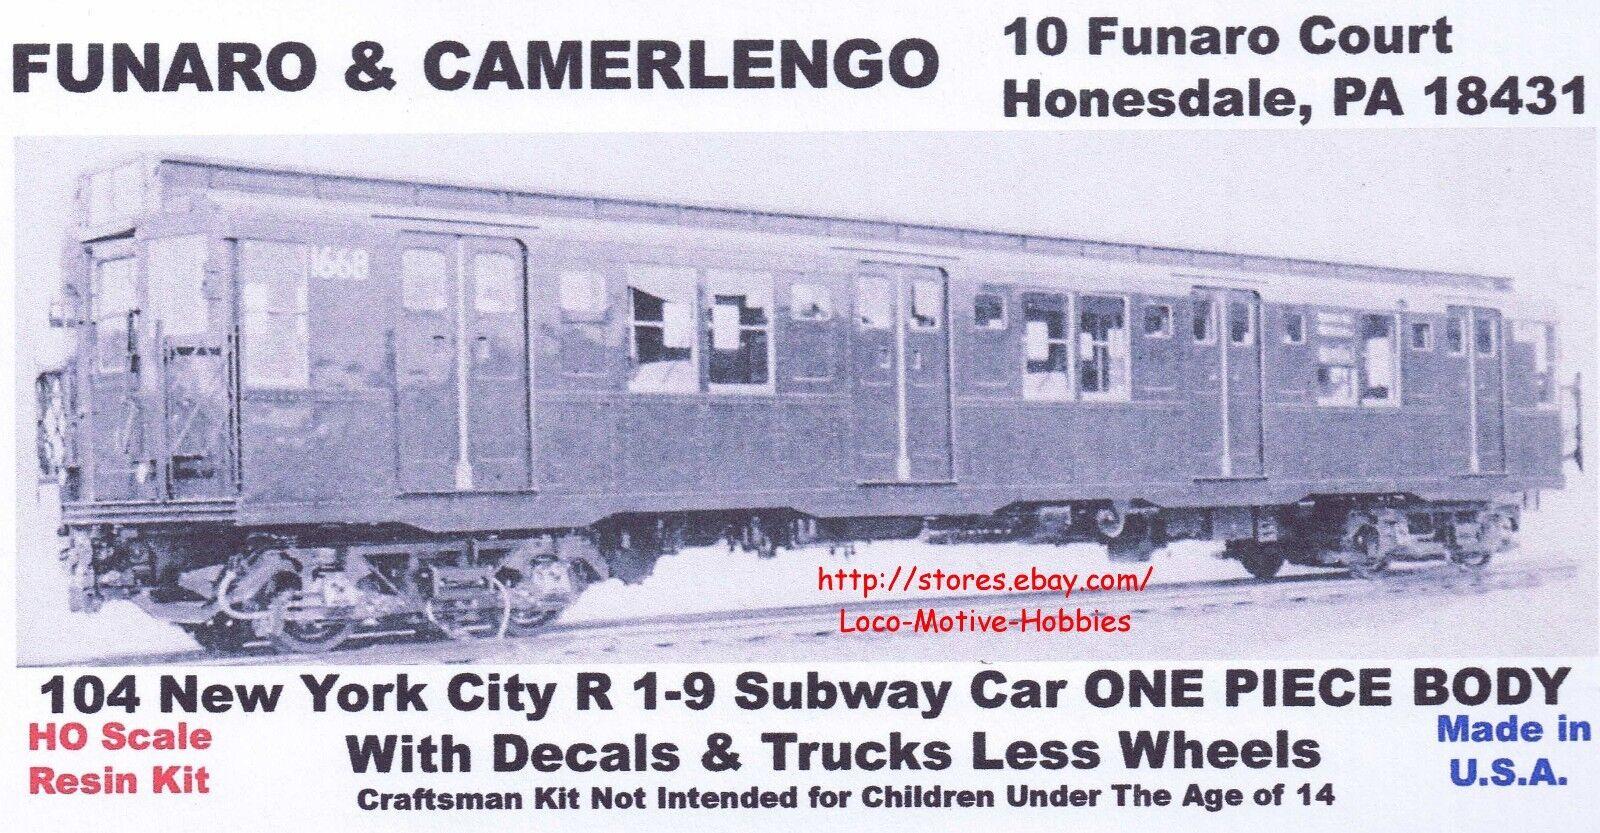 divertiessitoARO F&C 104 R 19 SUBWAY Passenger auto nuovo YORK città 1PC corpo W TRUCKS